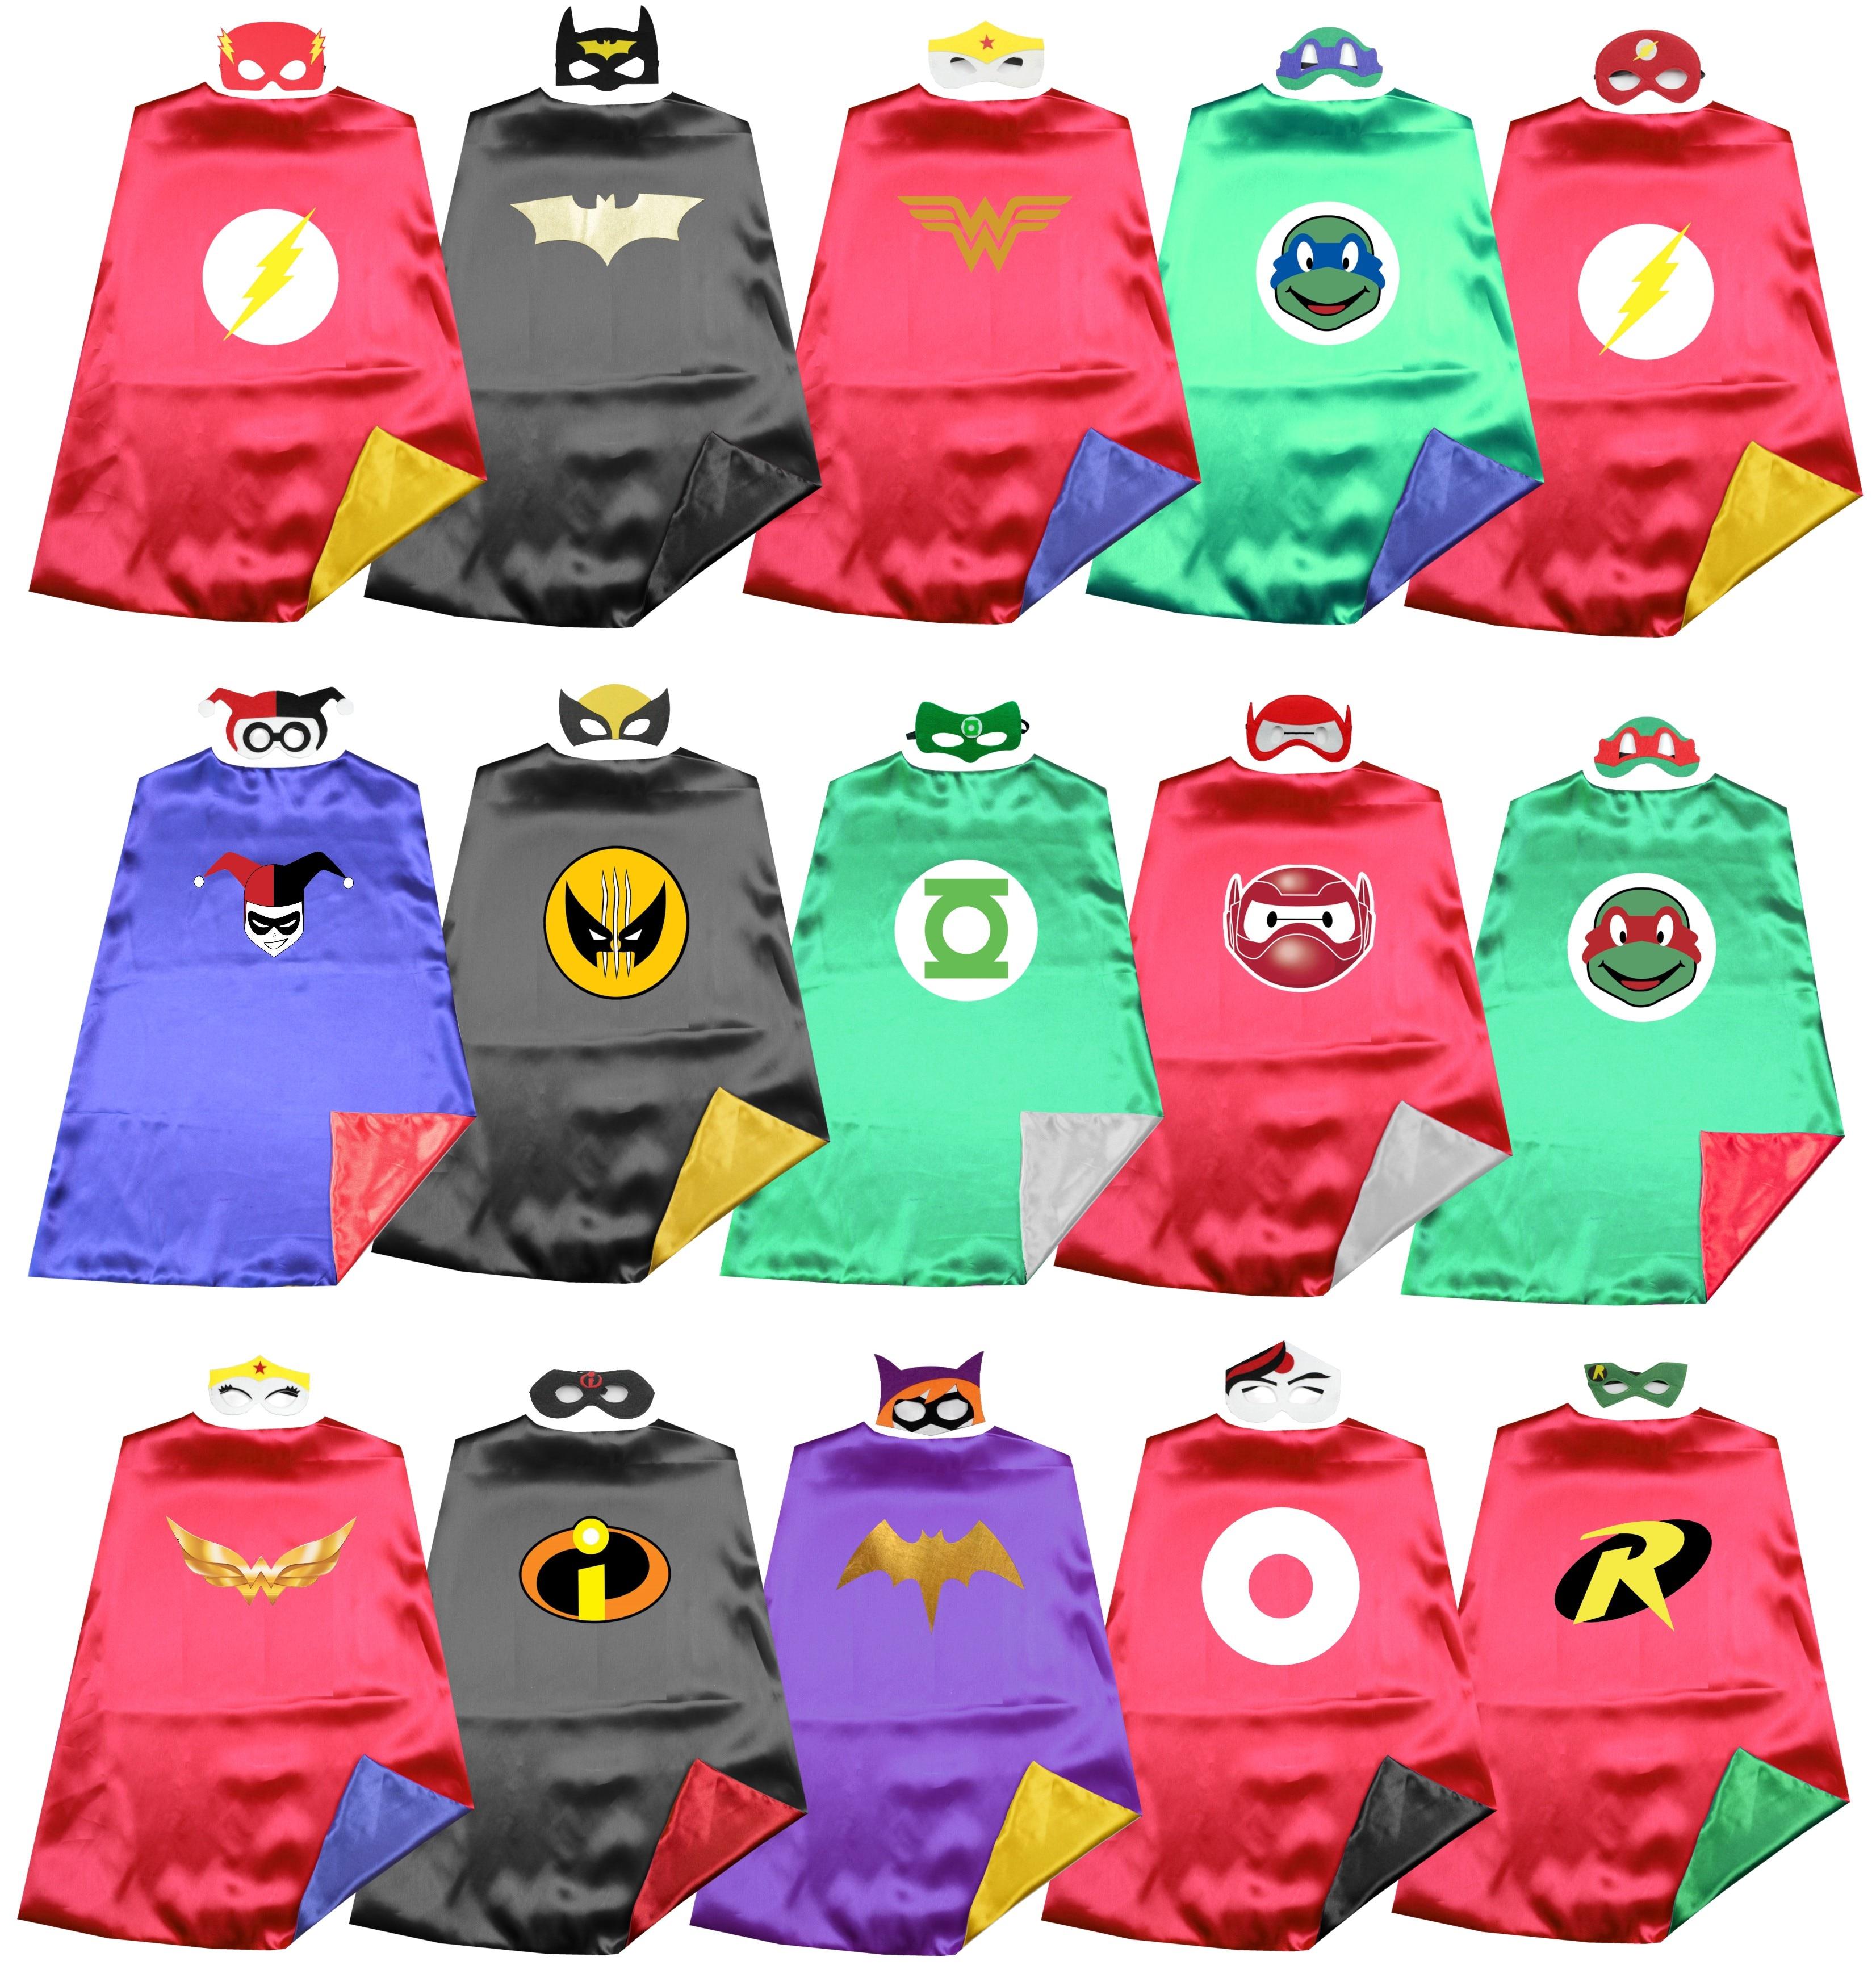 Habiller Super héros Satin 2 couche Justice ligue héros Capes + masques costume fête danniversaire faveur